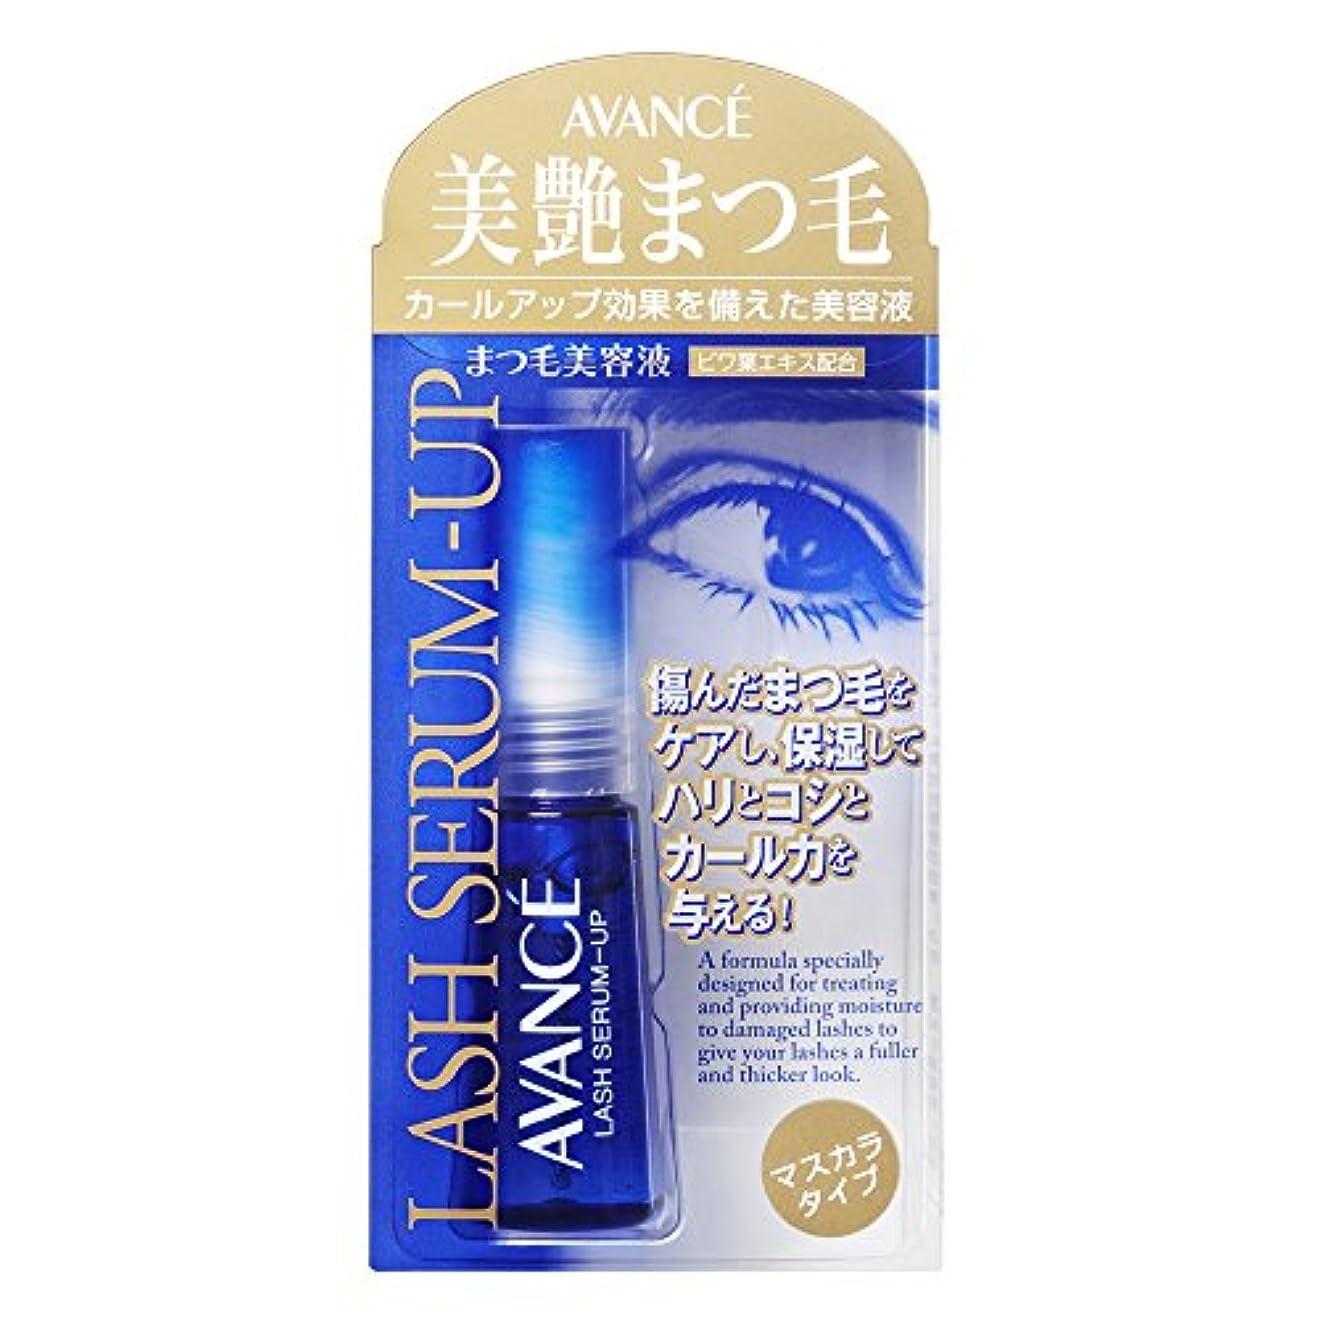 よりほぼプランターアヴァンセ ラッシュセラム UP 10ml (まつげ美容液)